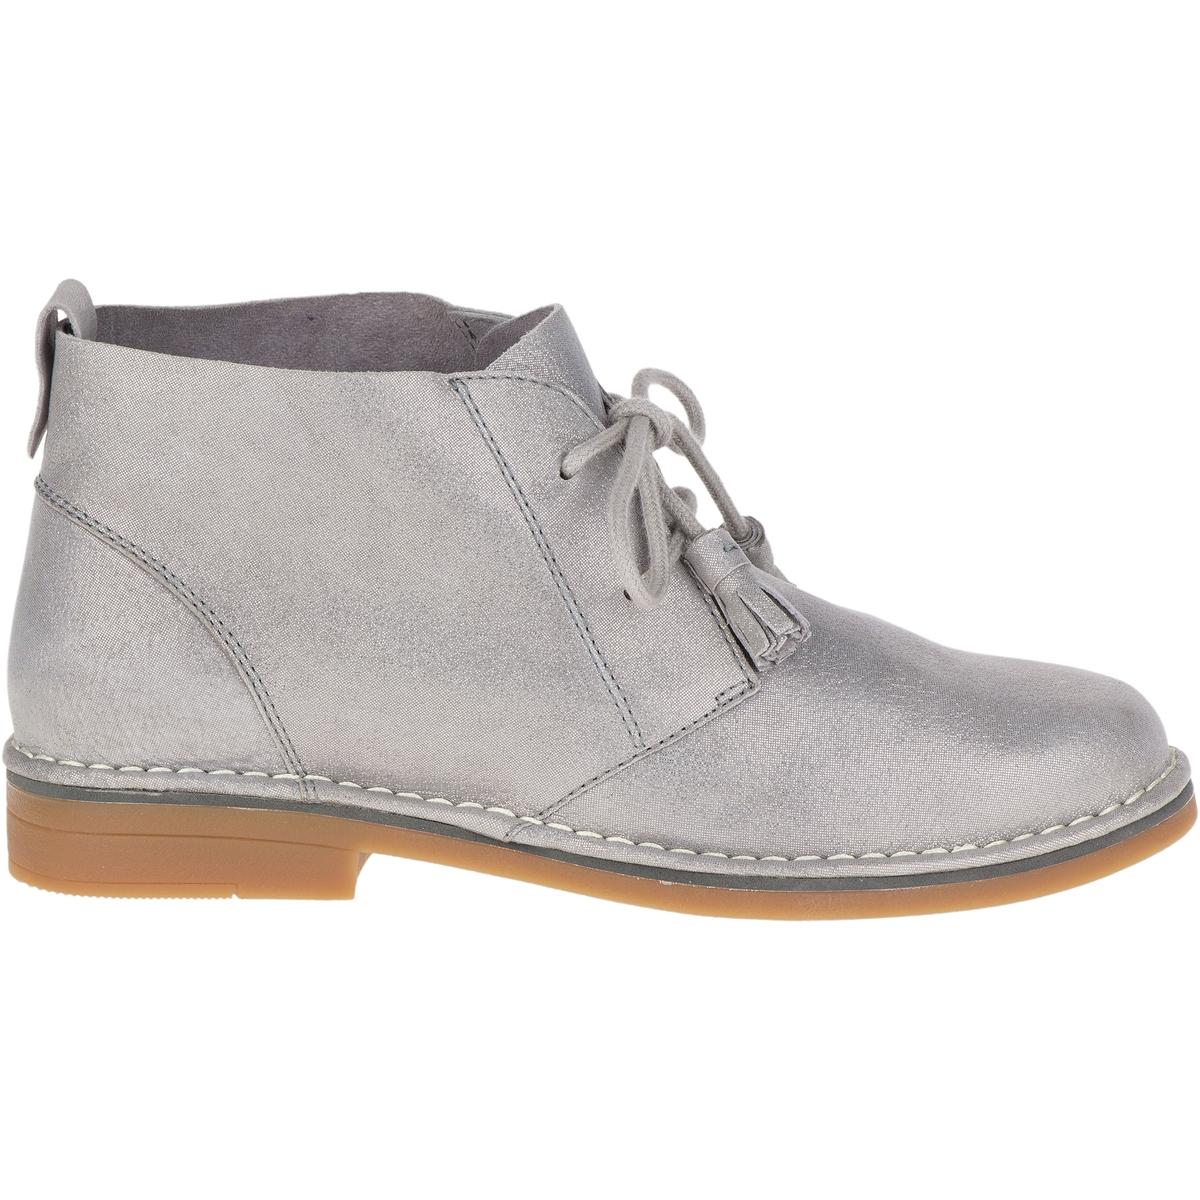 Ботинки кожаные с кисточками Cyra ботинки кожаные с кисточками